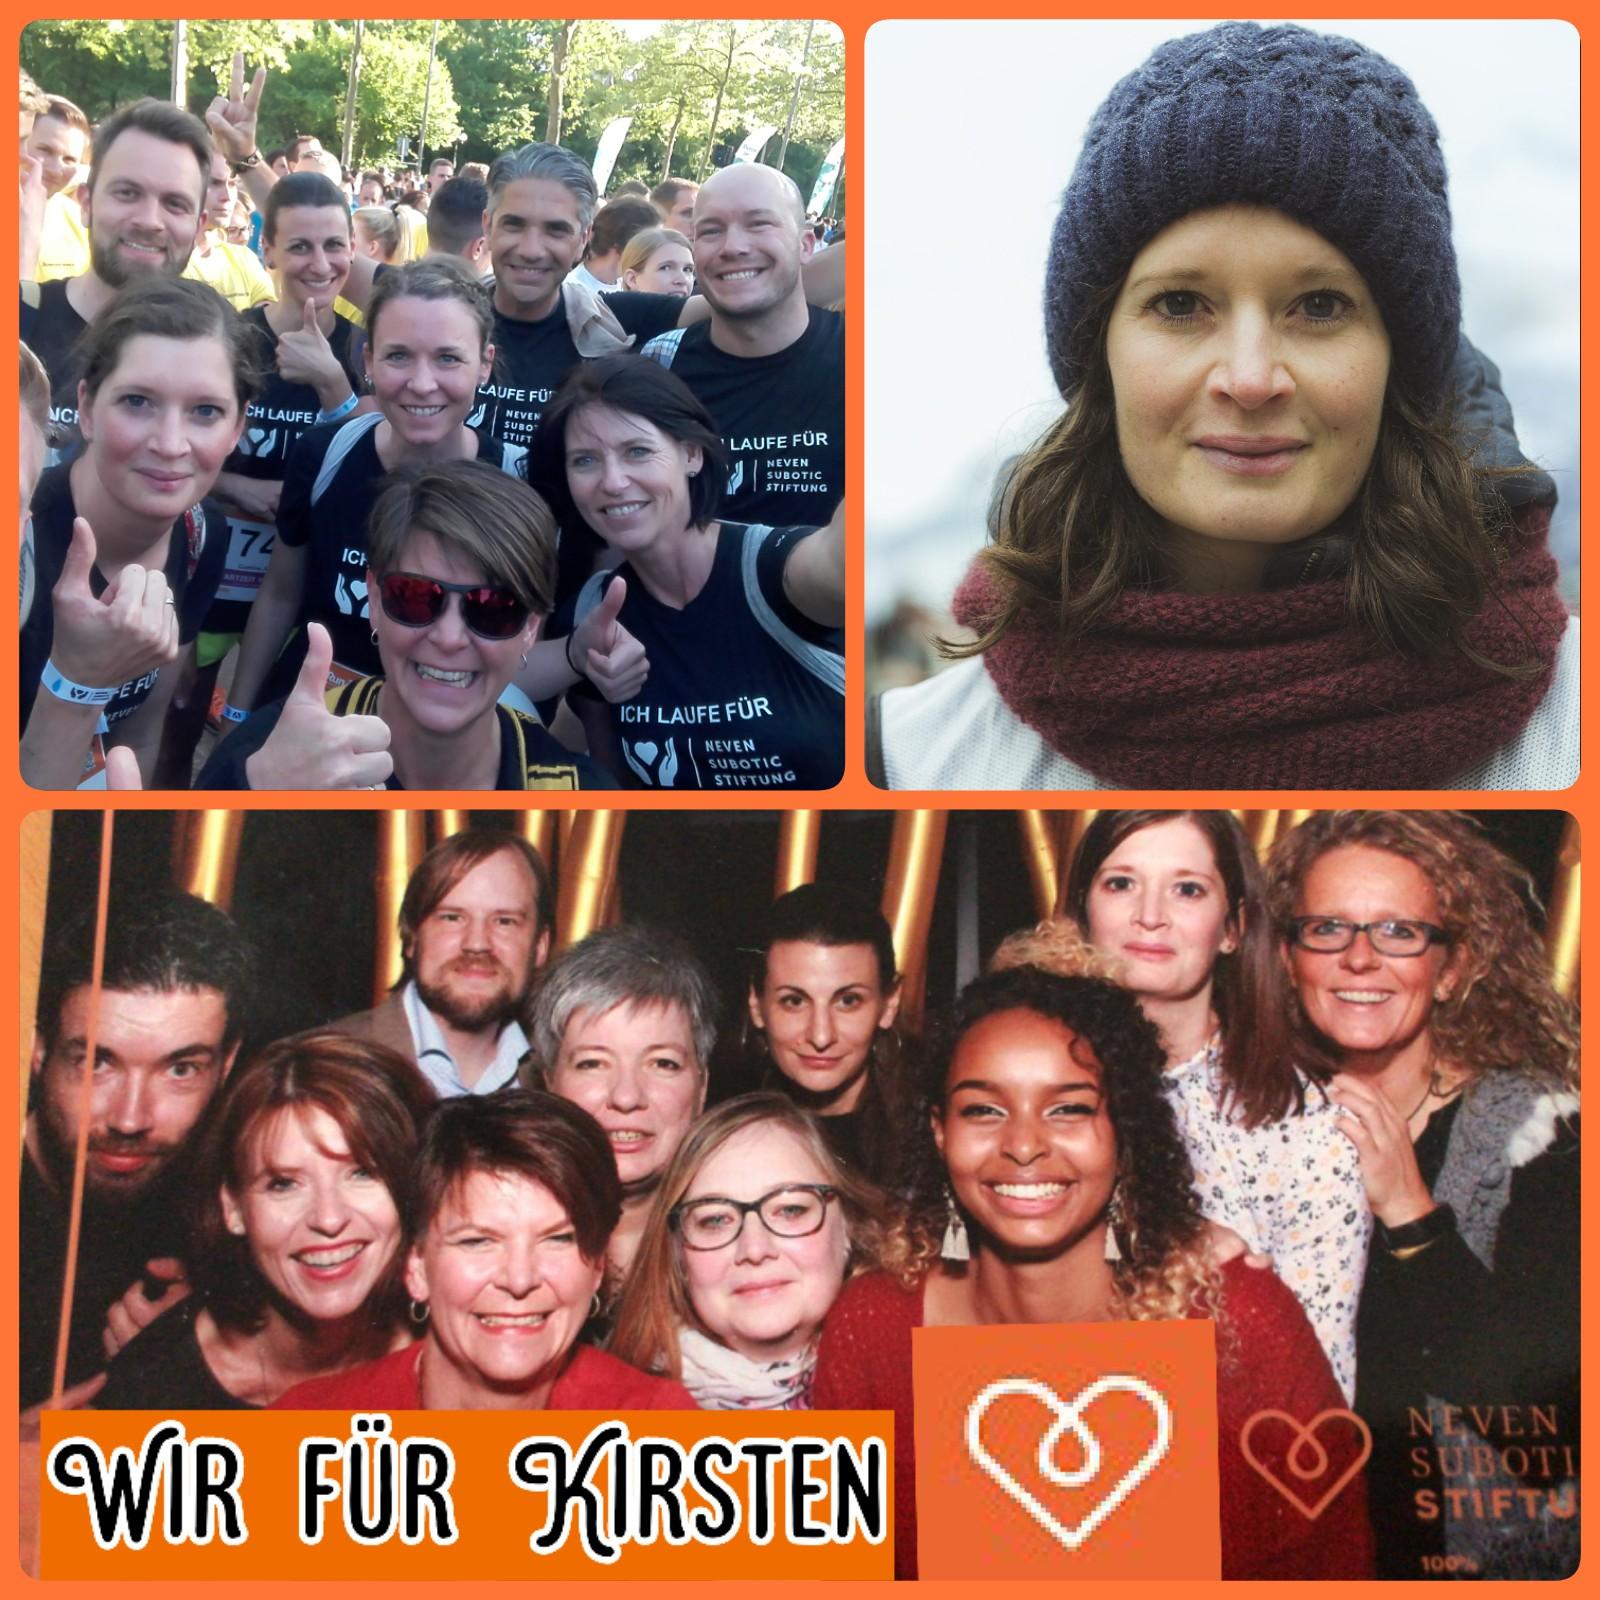 Wir für Kirsten